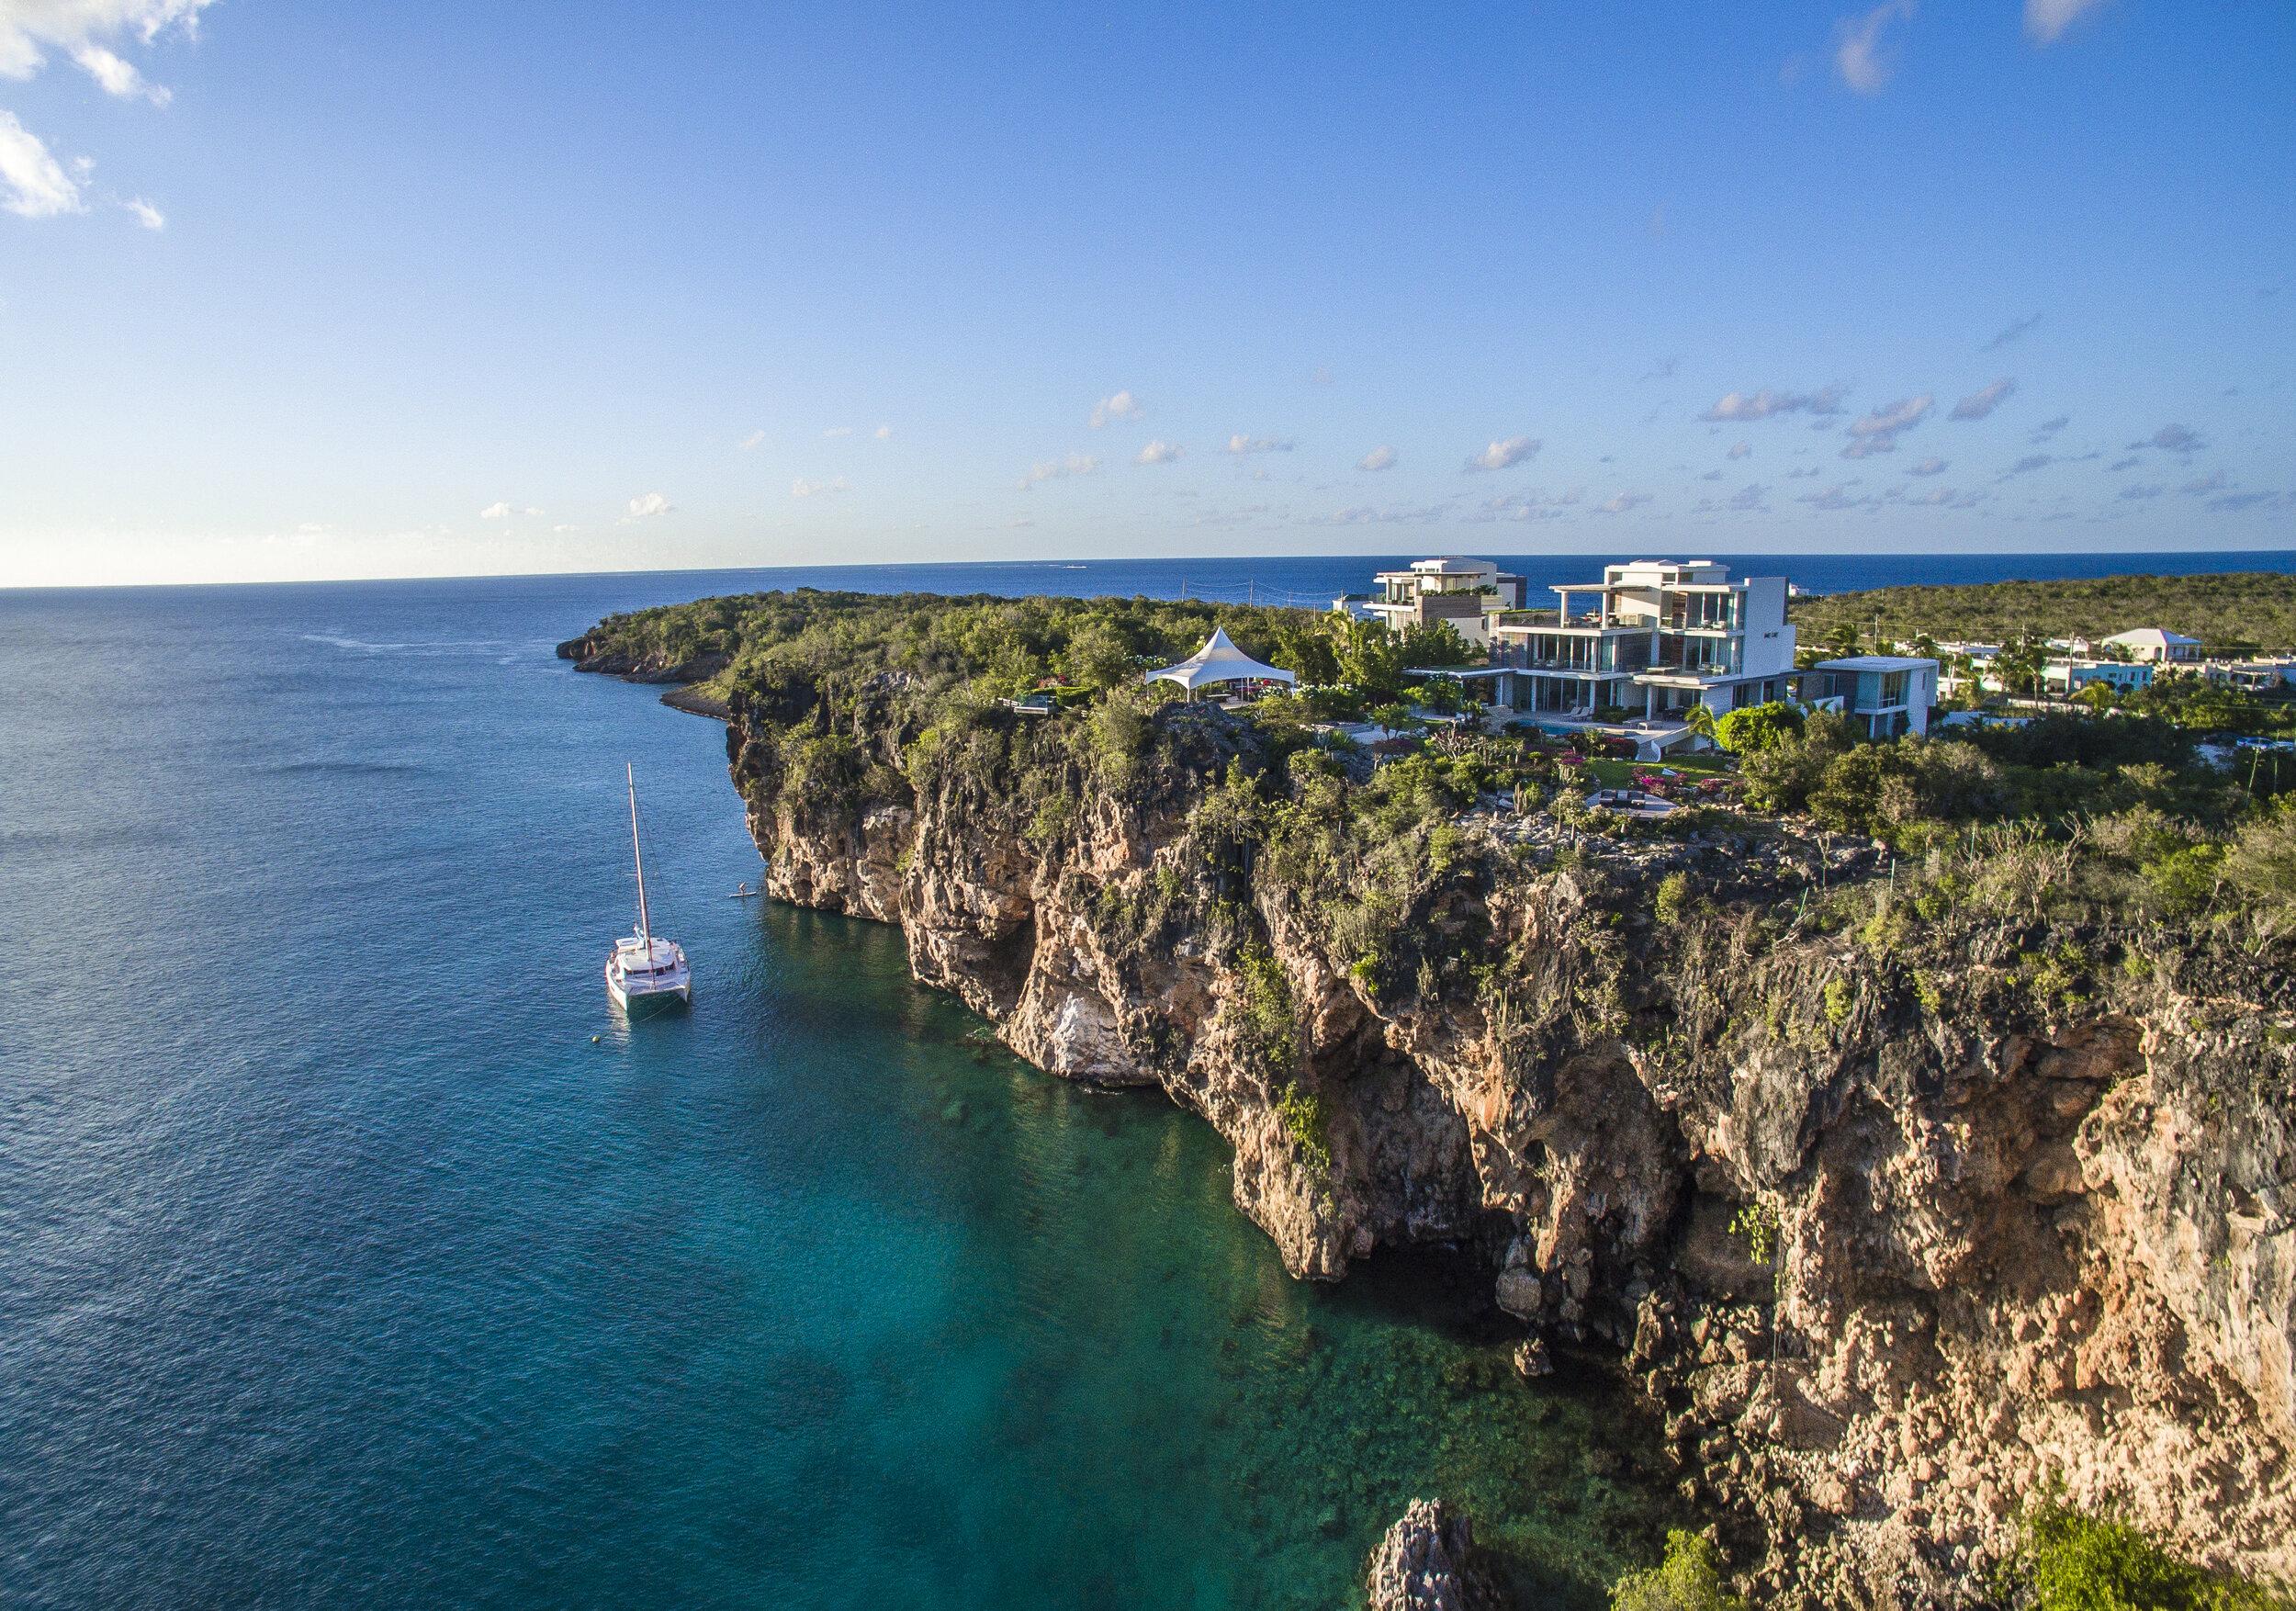 _HERO_ANI_Anguilla_Longview1.jpg